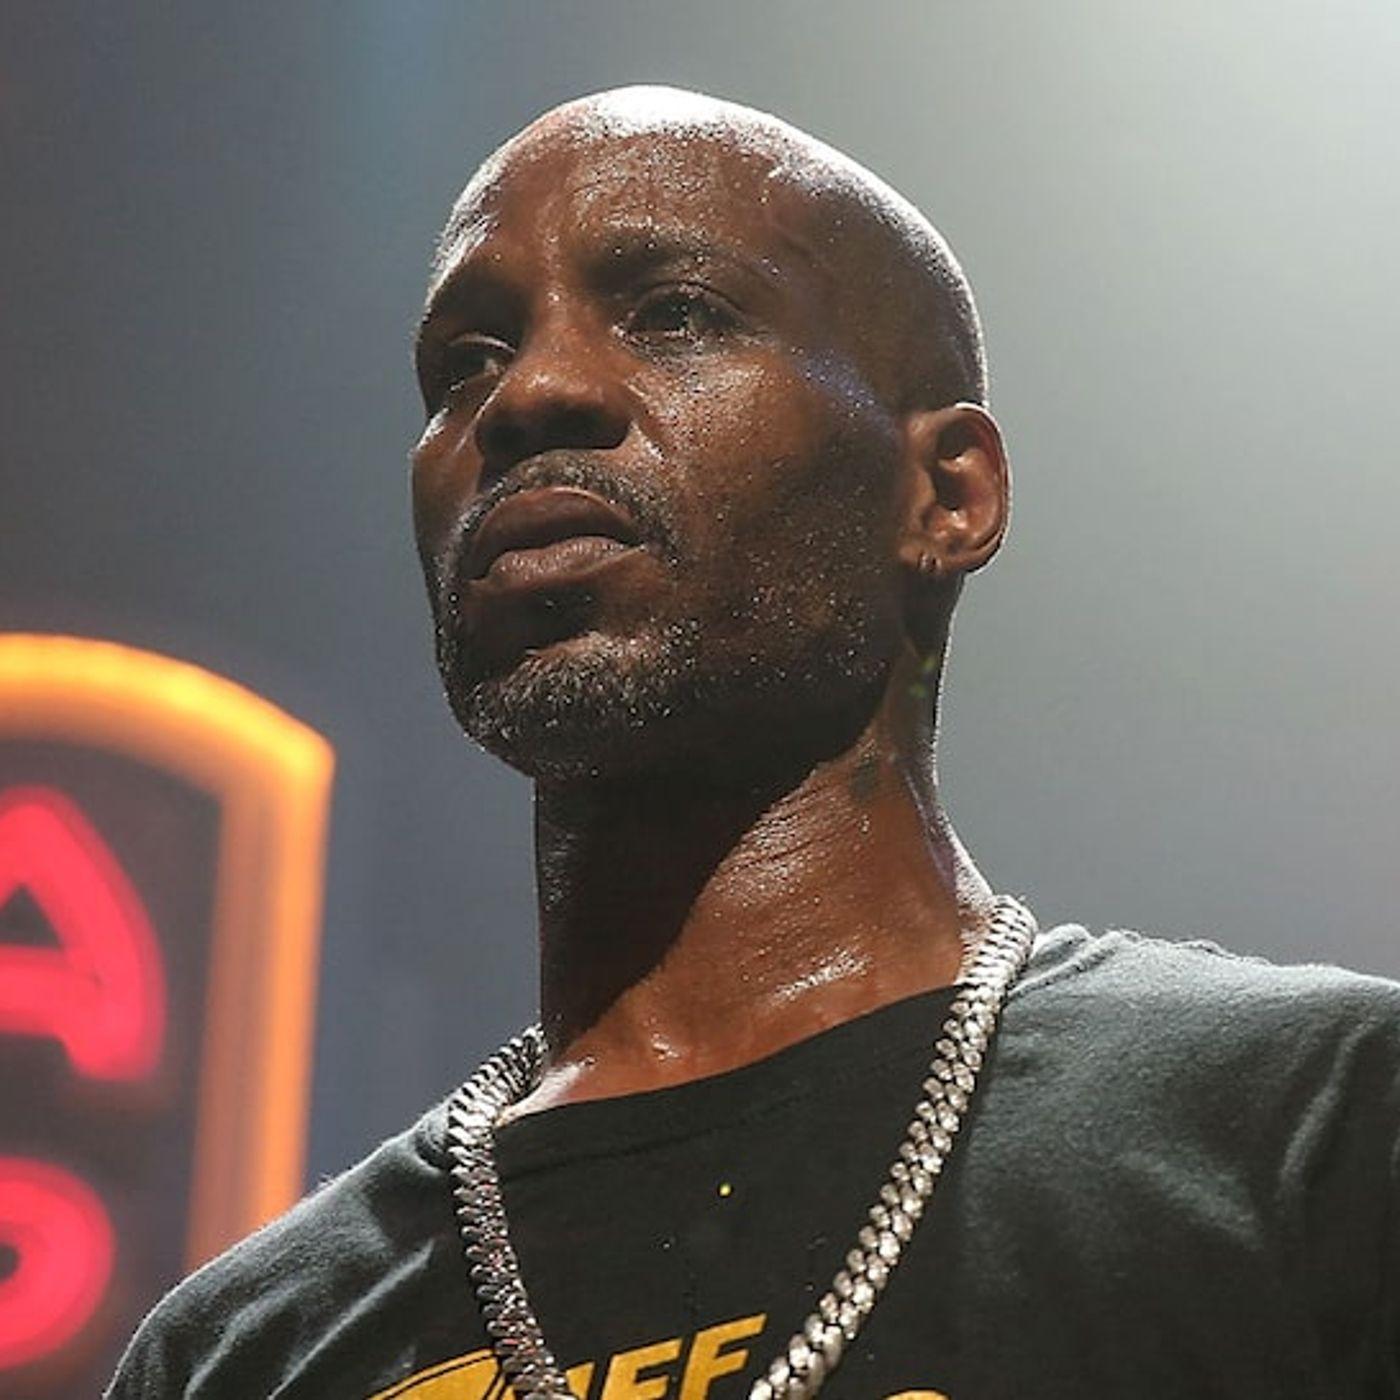 Rapper DMX Dead at 50